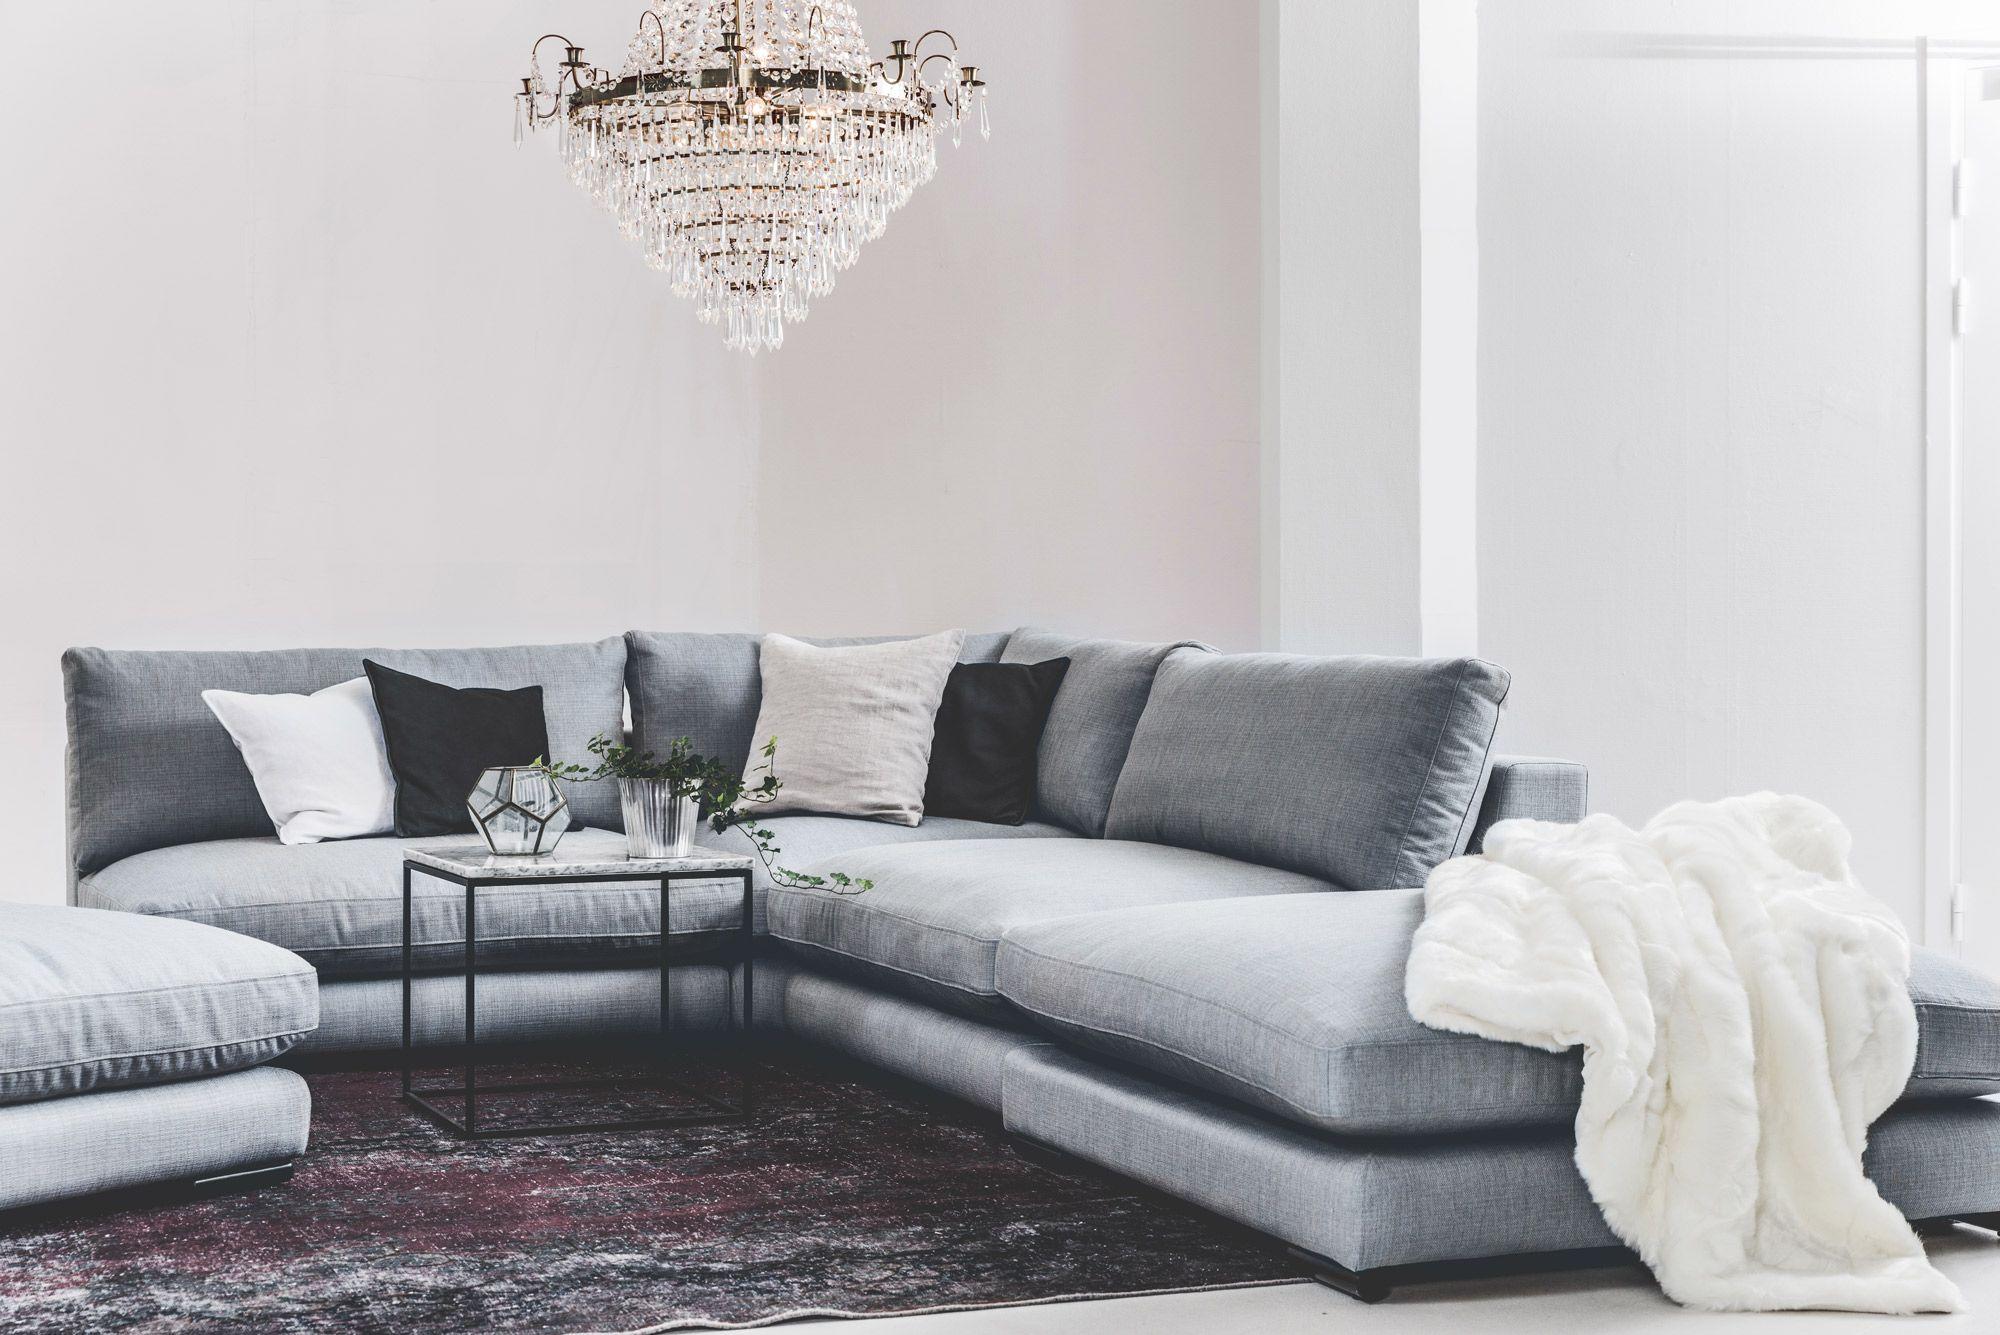 Grå Mammuten modulsoffa Divan, soffa, modul, fotpall, pläd, fuskpäls, vit, filt, vintagematta